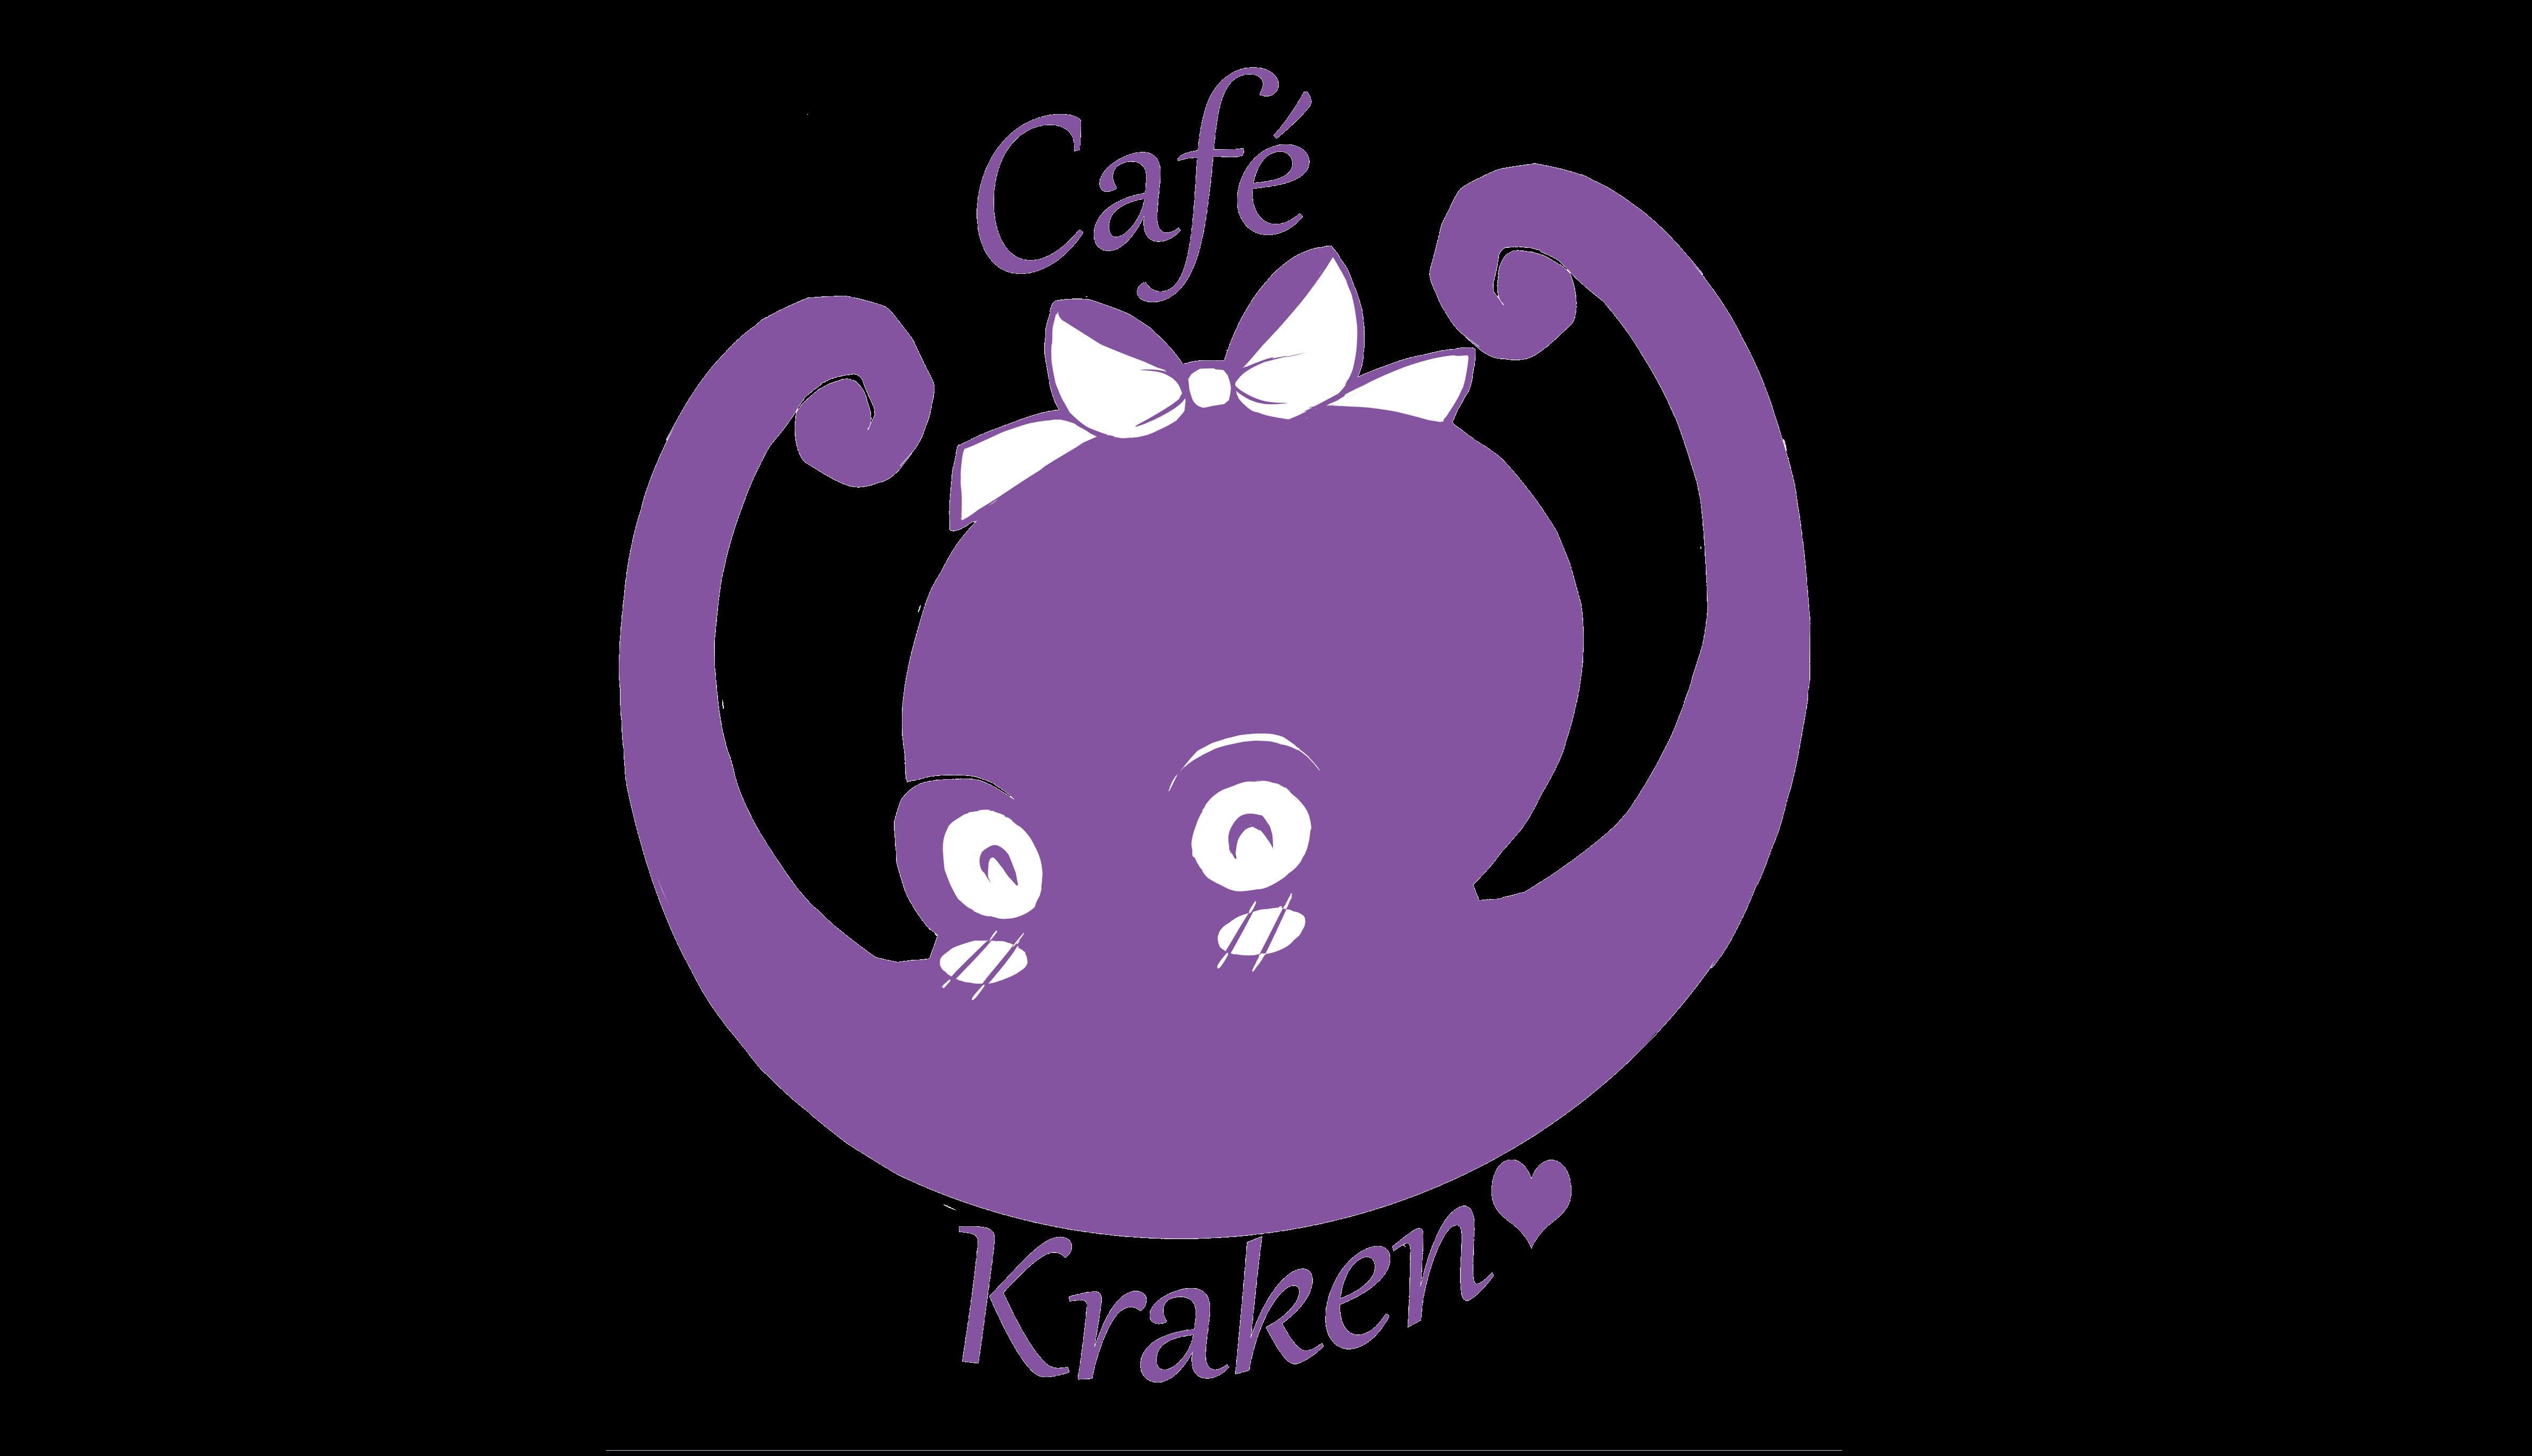 Cafe Kraken Logo